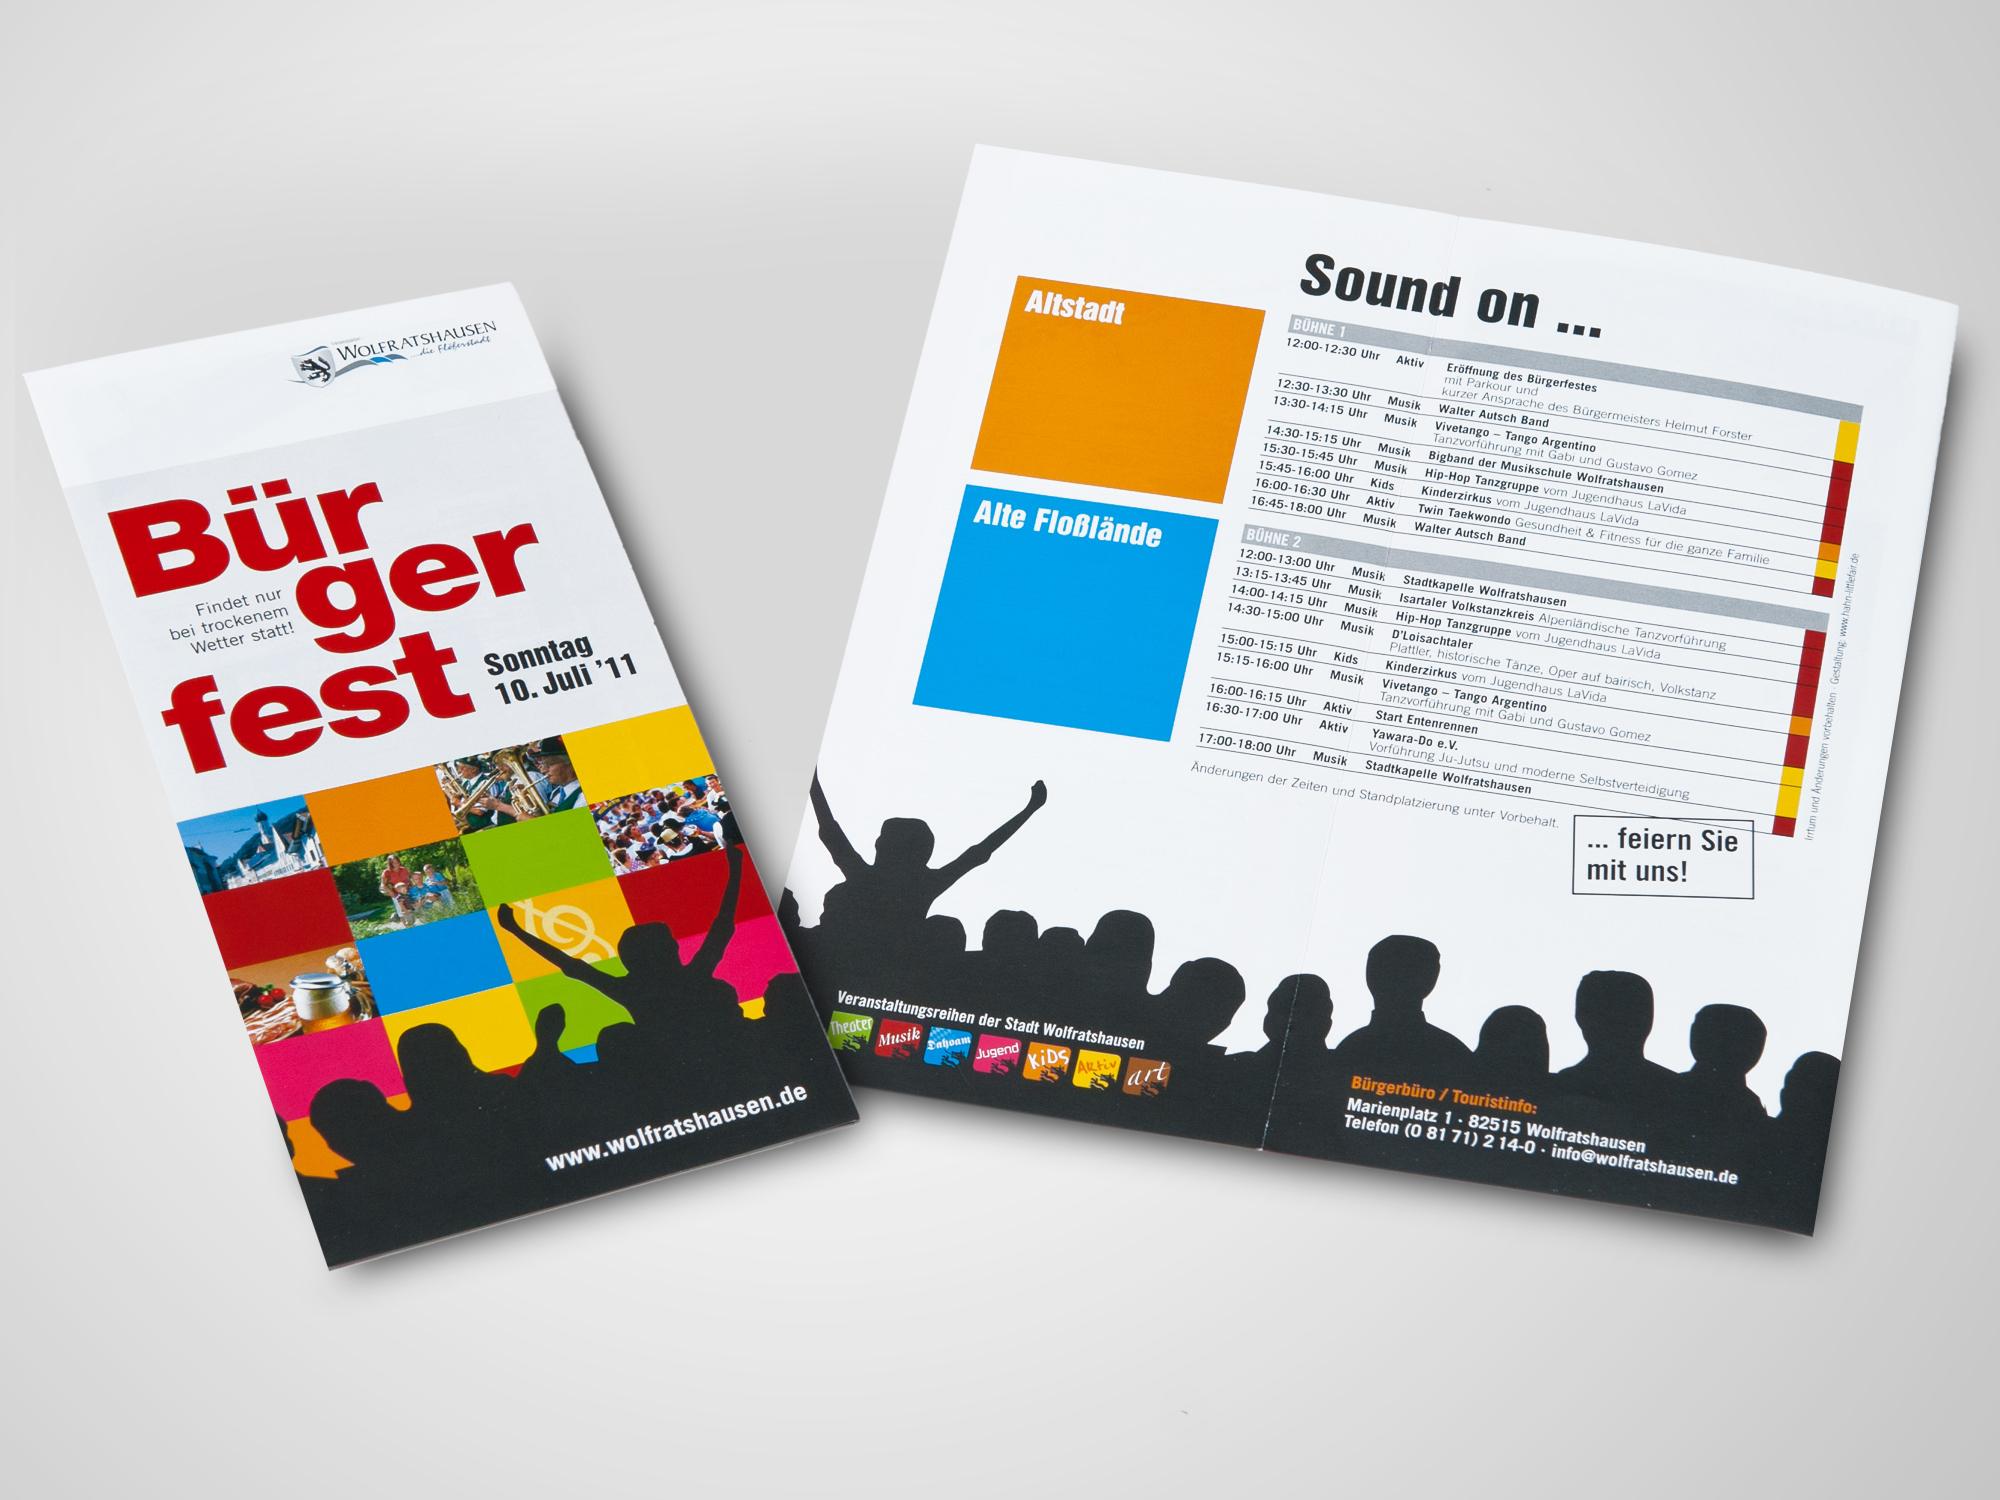 Folder-Gestaltung-WOR-Buergerfest